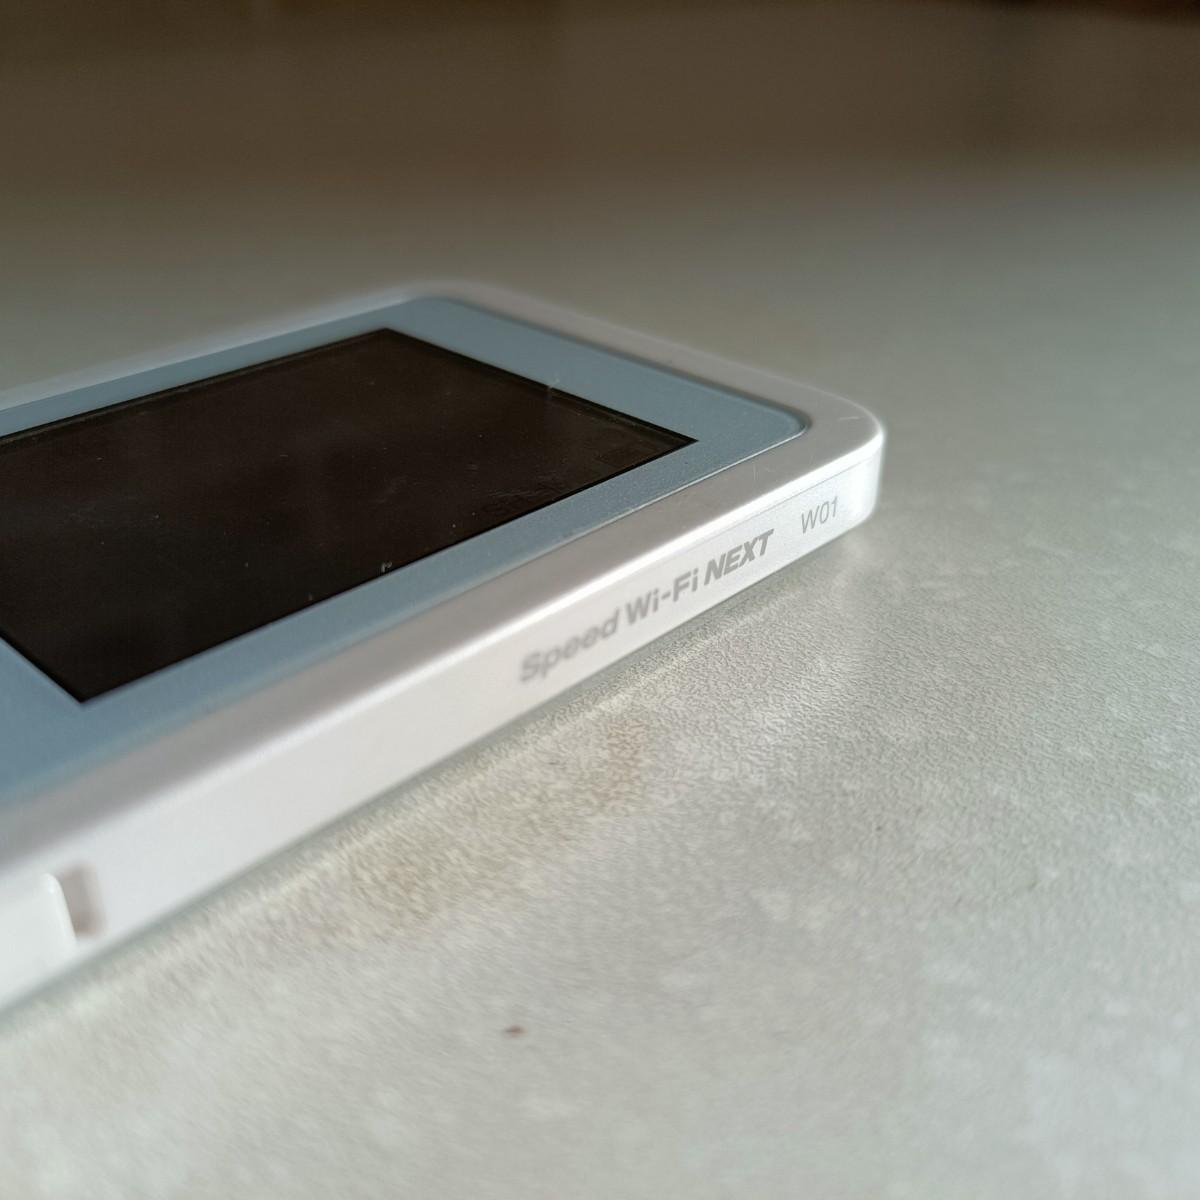 WiMAX2 Wi-Fi  モバイルルーター  NEXT w01